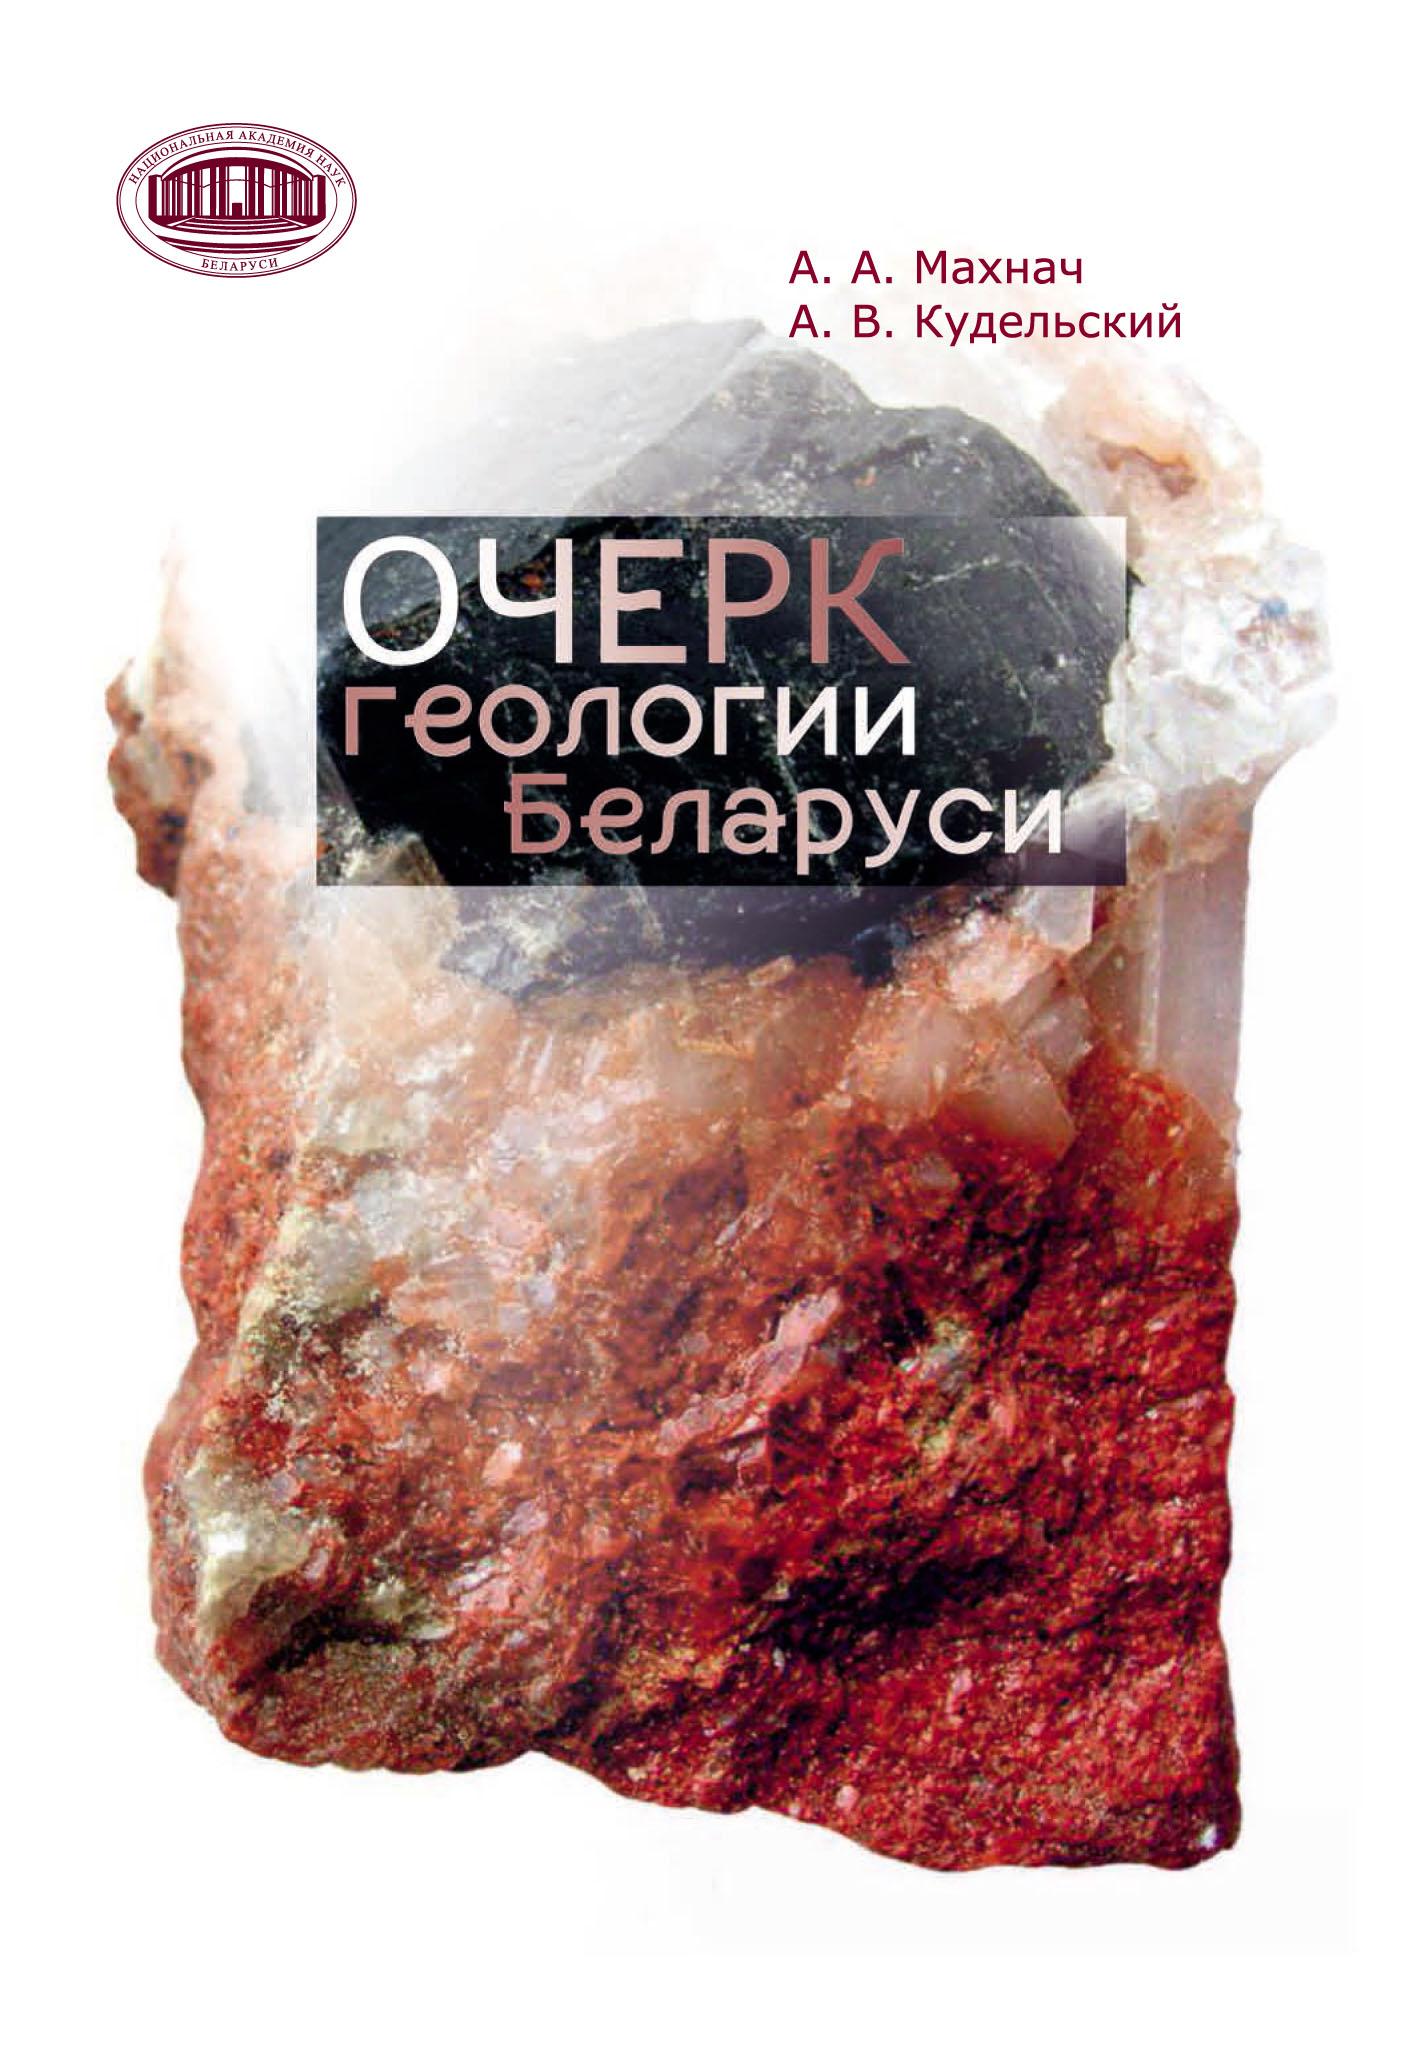 Купить книгу Очерк геологии Беларуси, автора Анатолия Кудельского